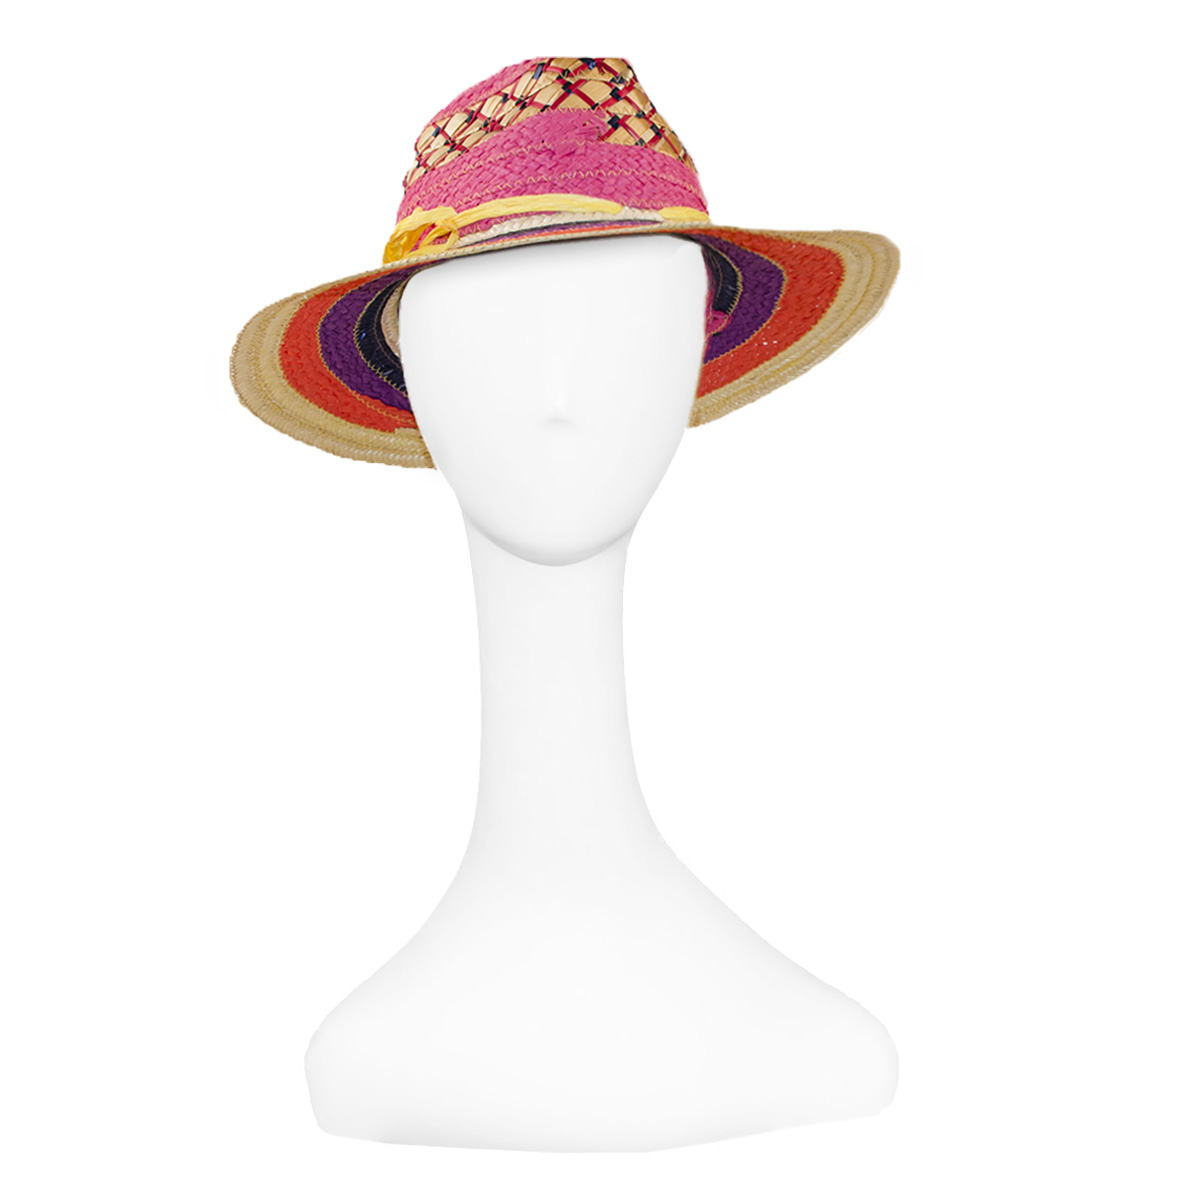 miriam lefcourt hat